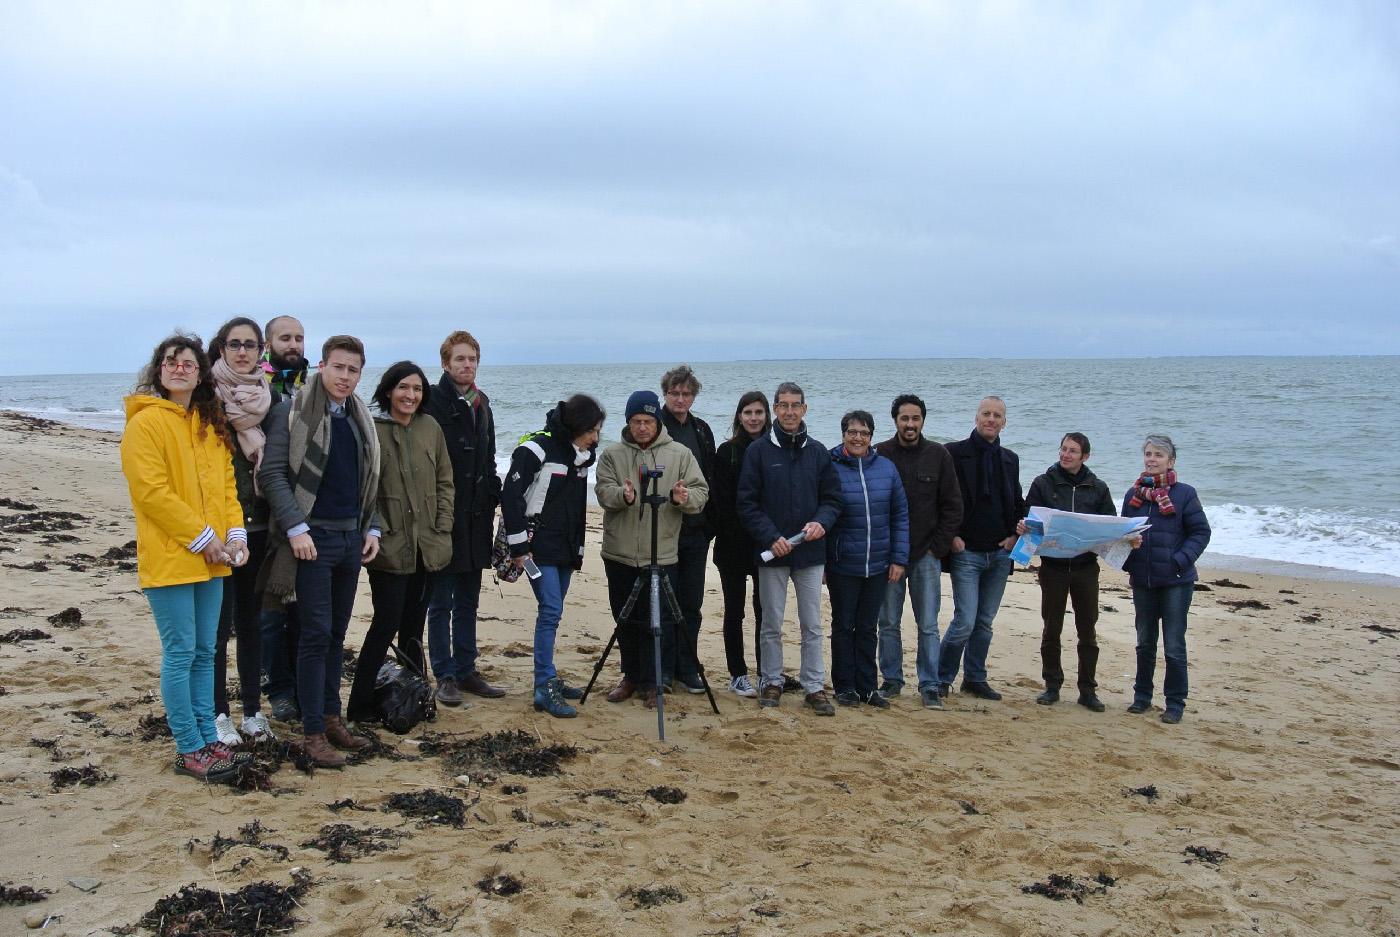 Séance de travail intersectoriel et interdisciplinaire sur la plage de Locmariaquer dans le cadre du projet Osirisc, 30/03/2018 (photo M. Philippe).